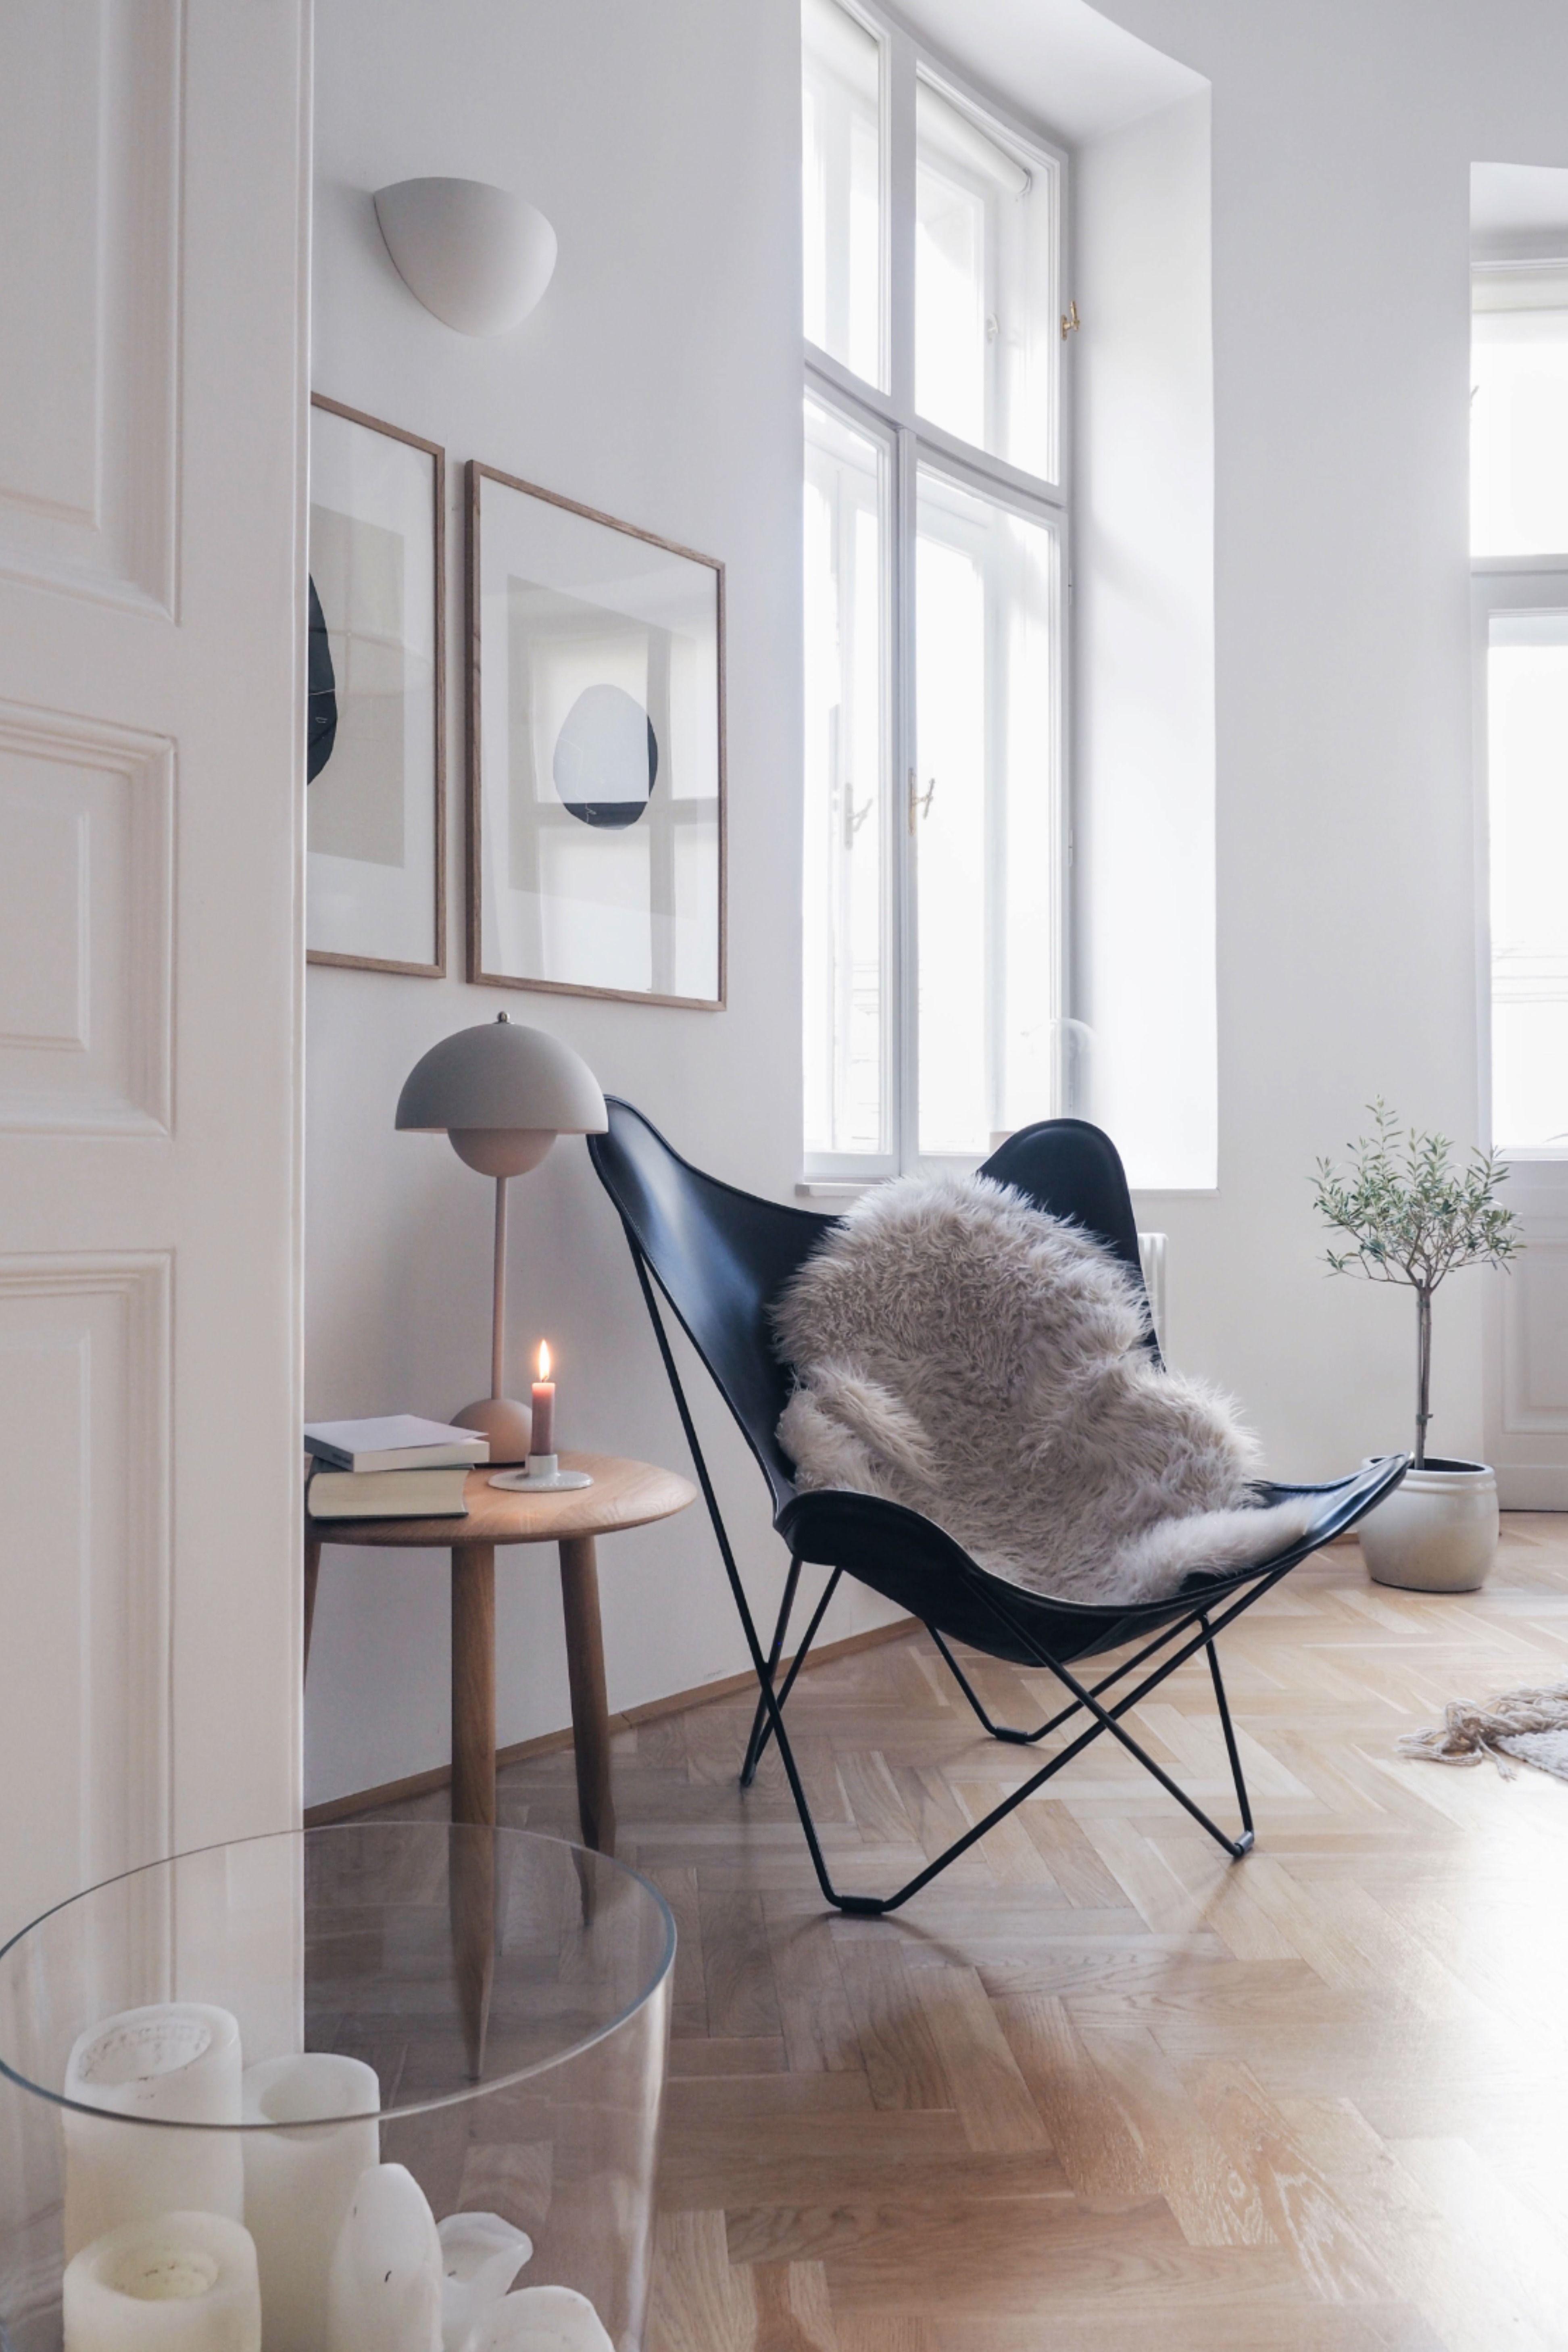 Wohnzimmer Ideen Tischlampe Von Tradition Ideen Lampe Tischlampe Tradition Von Wohnzimmer In 2020 Home Interior Home Decor